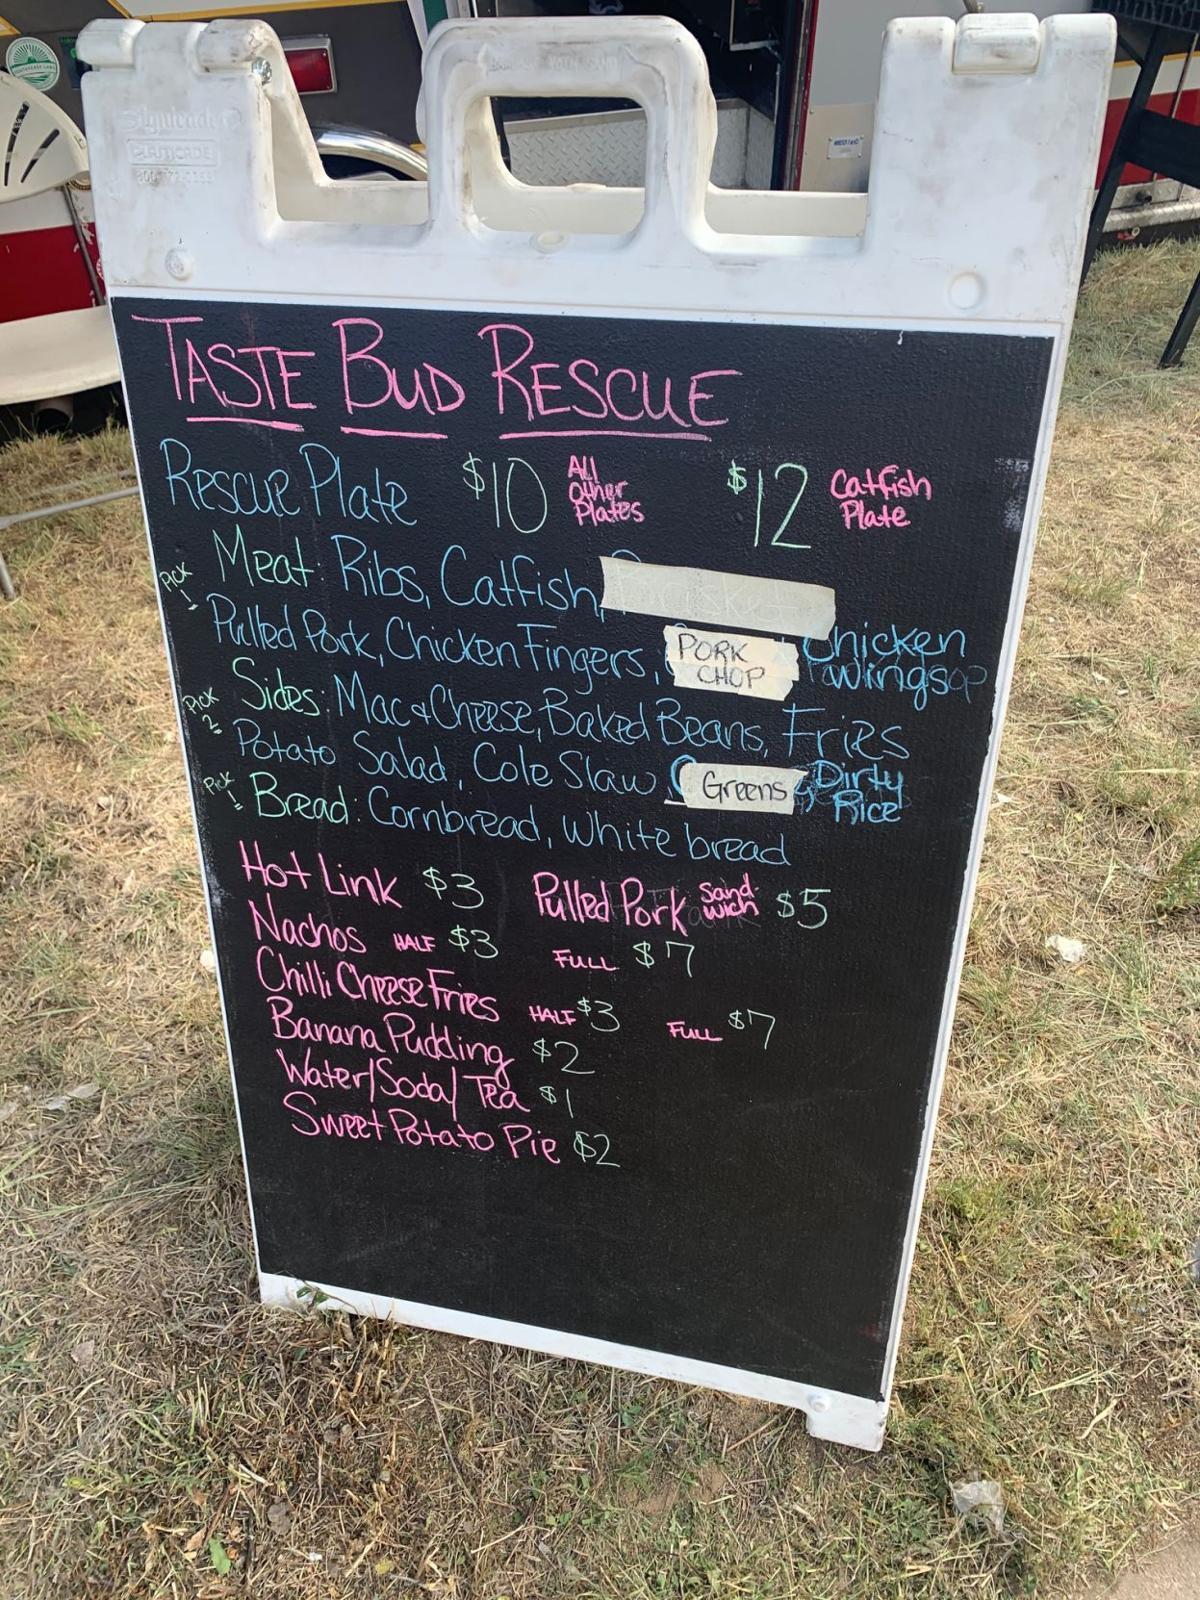 Taste Bud Rescue menu